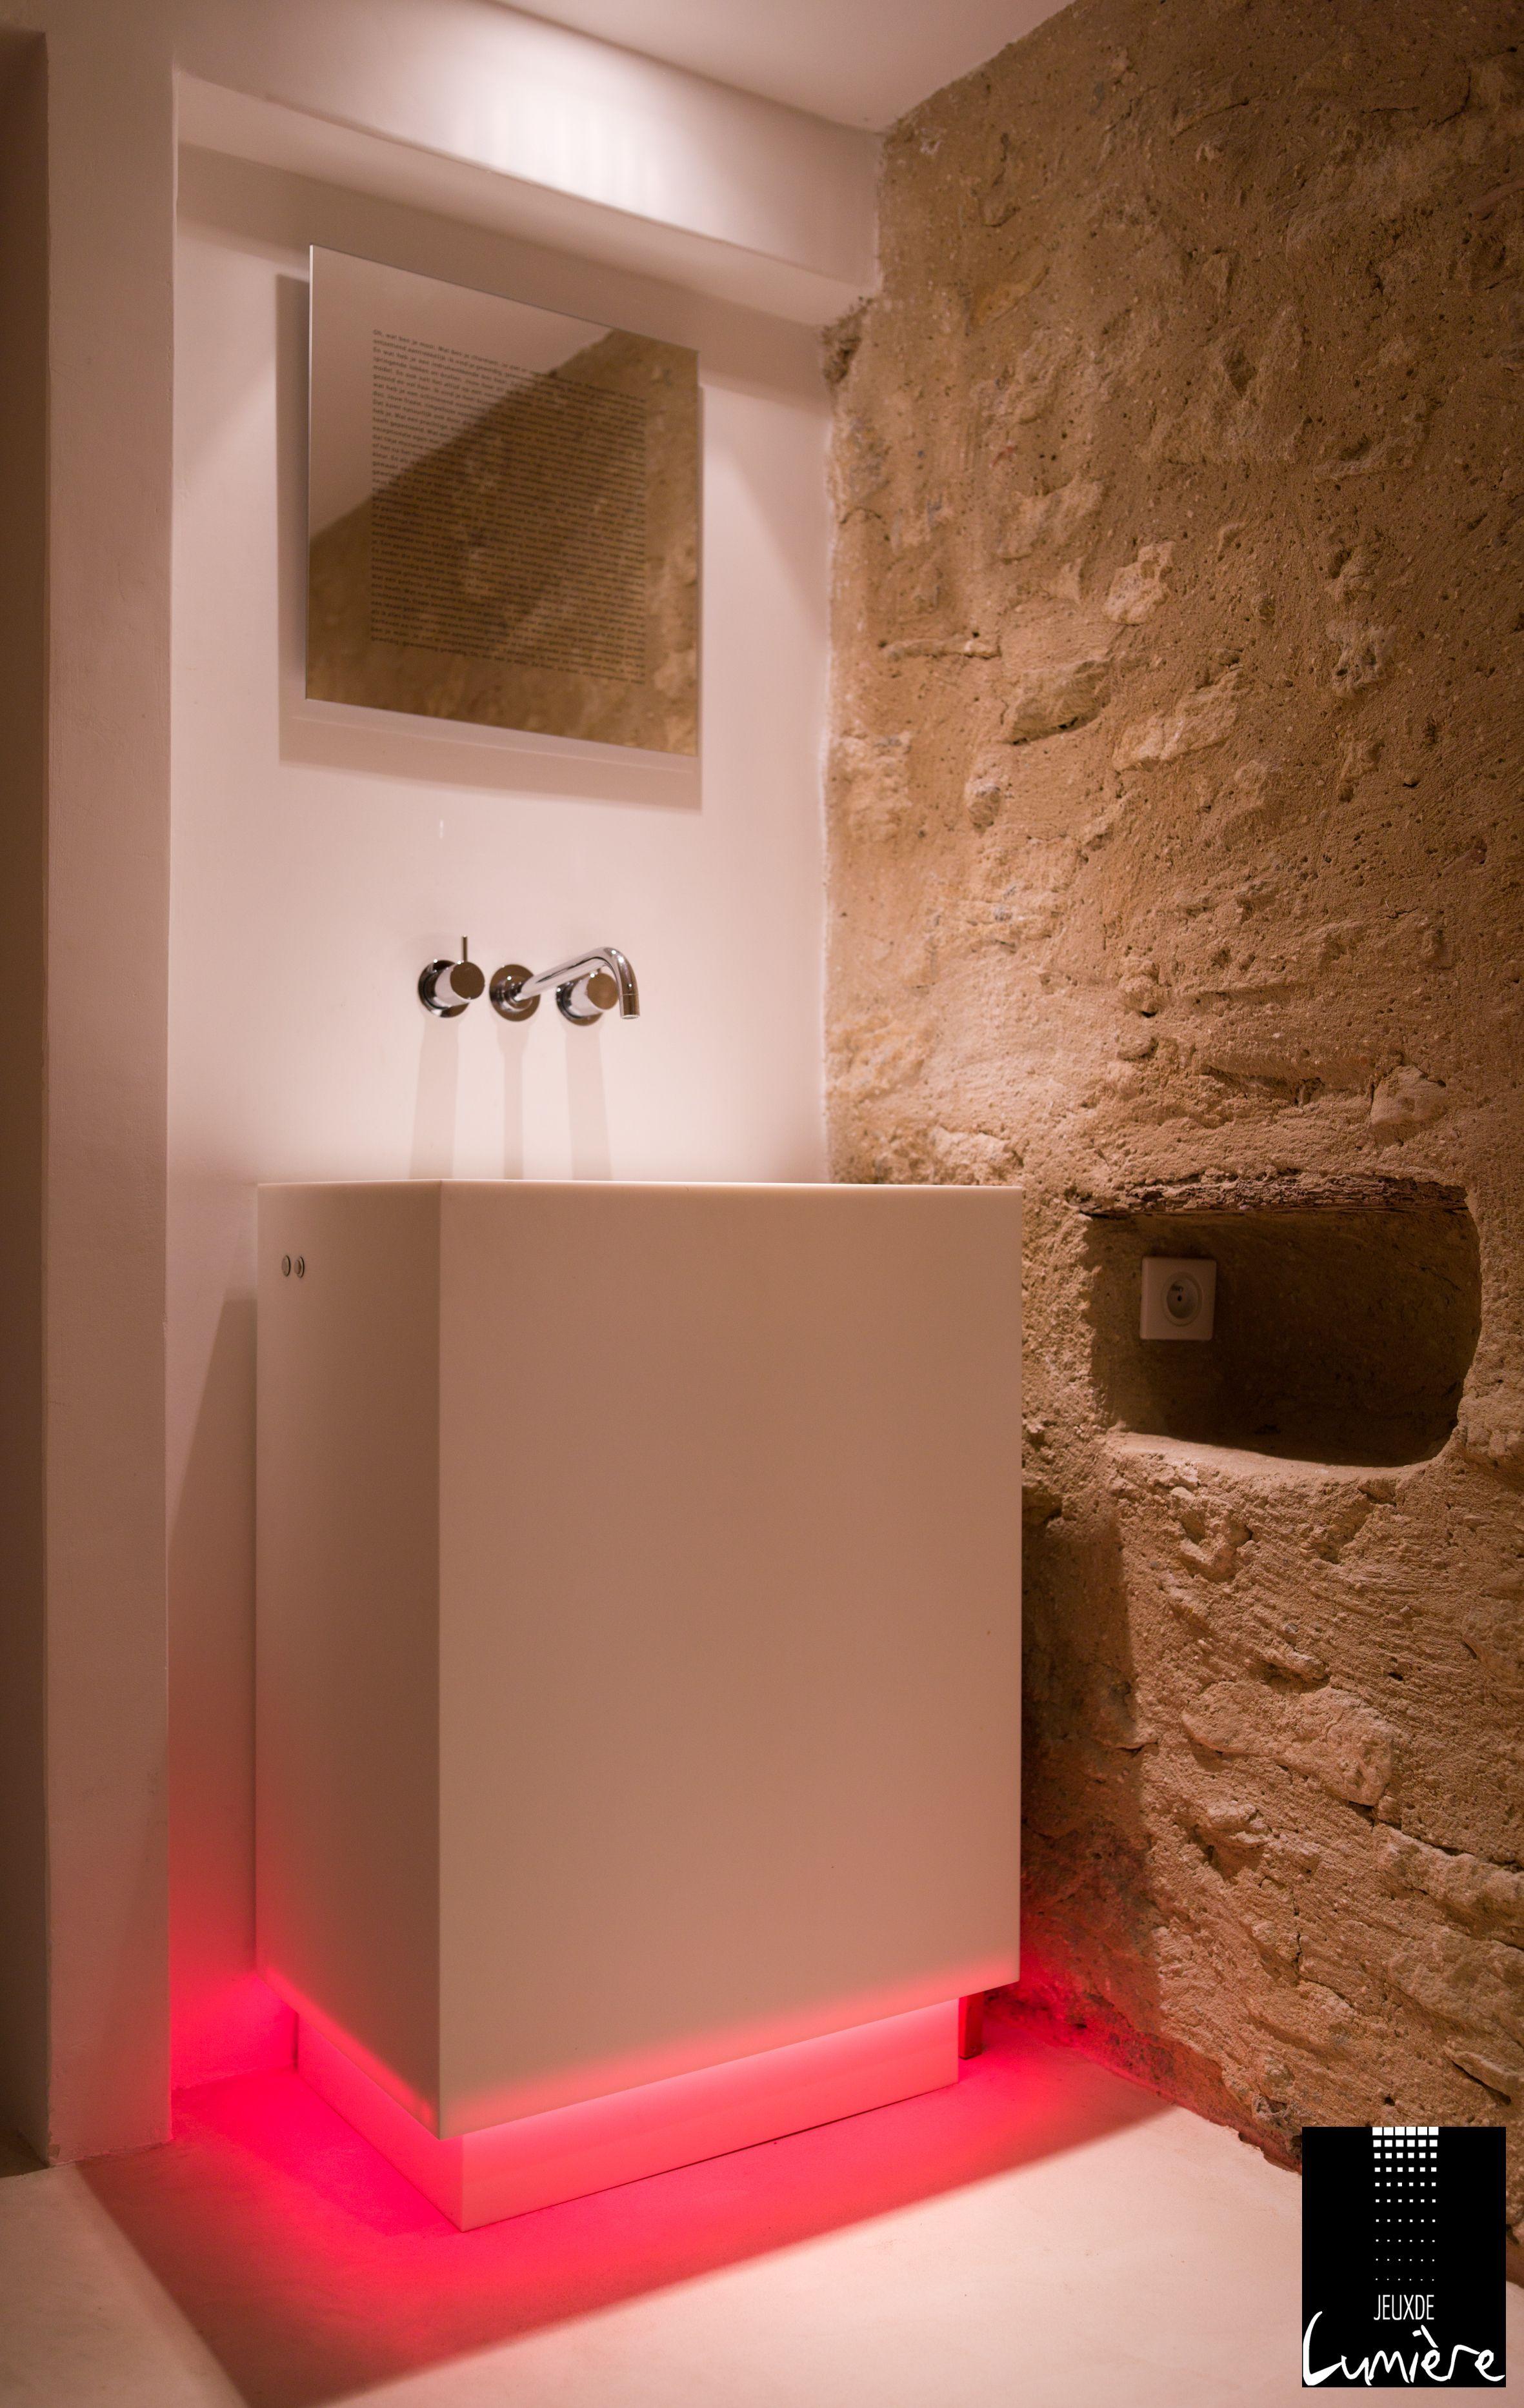 Mise en lumière d'une vasque pour donner plus de pep's à la pièce. http://www.jeuxdelumiere.fr